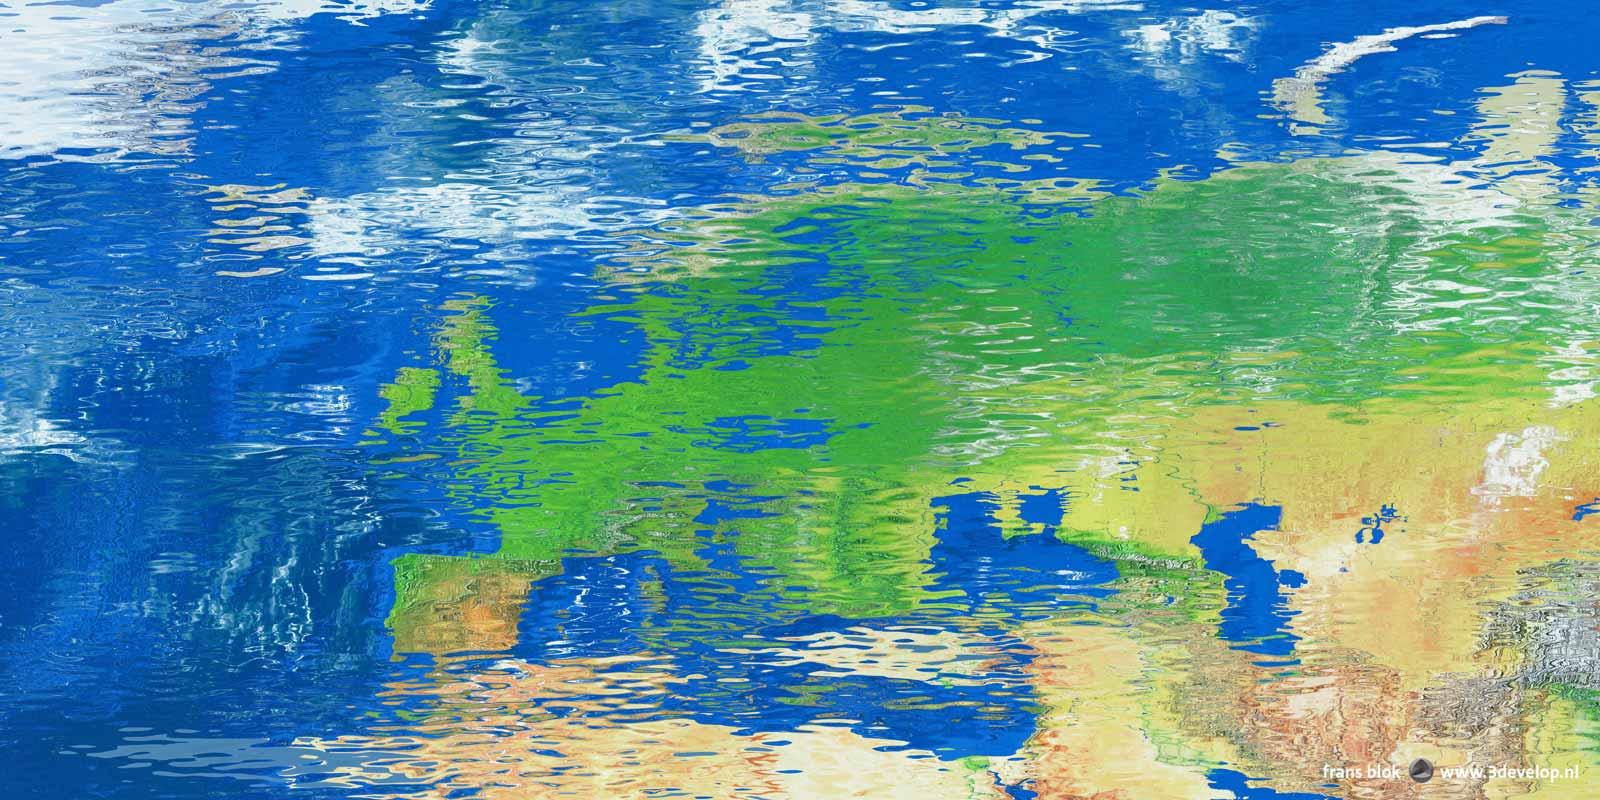 Kaart van Europa gespiegeld in een reflecterend en licht golvend wateroppervlak